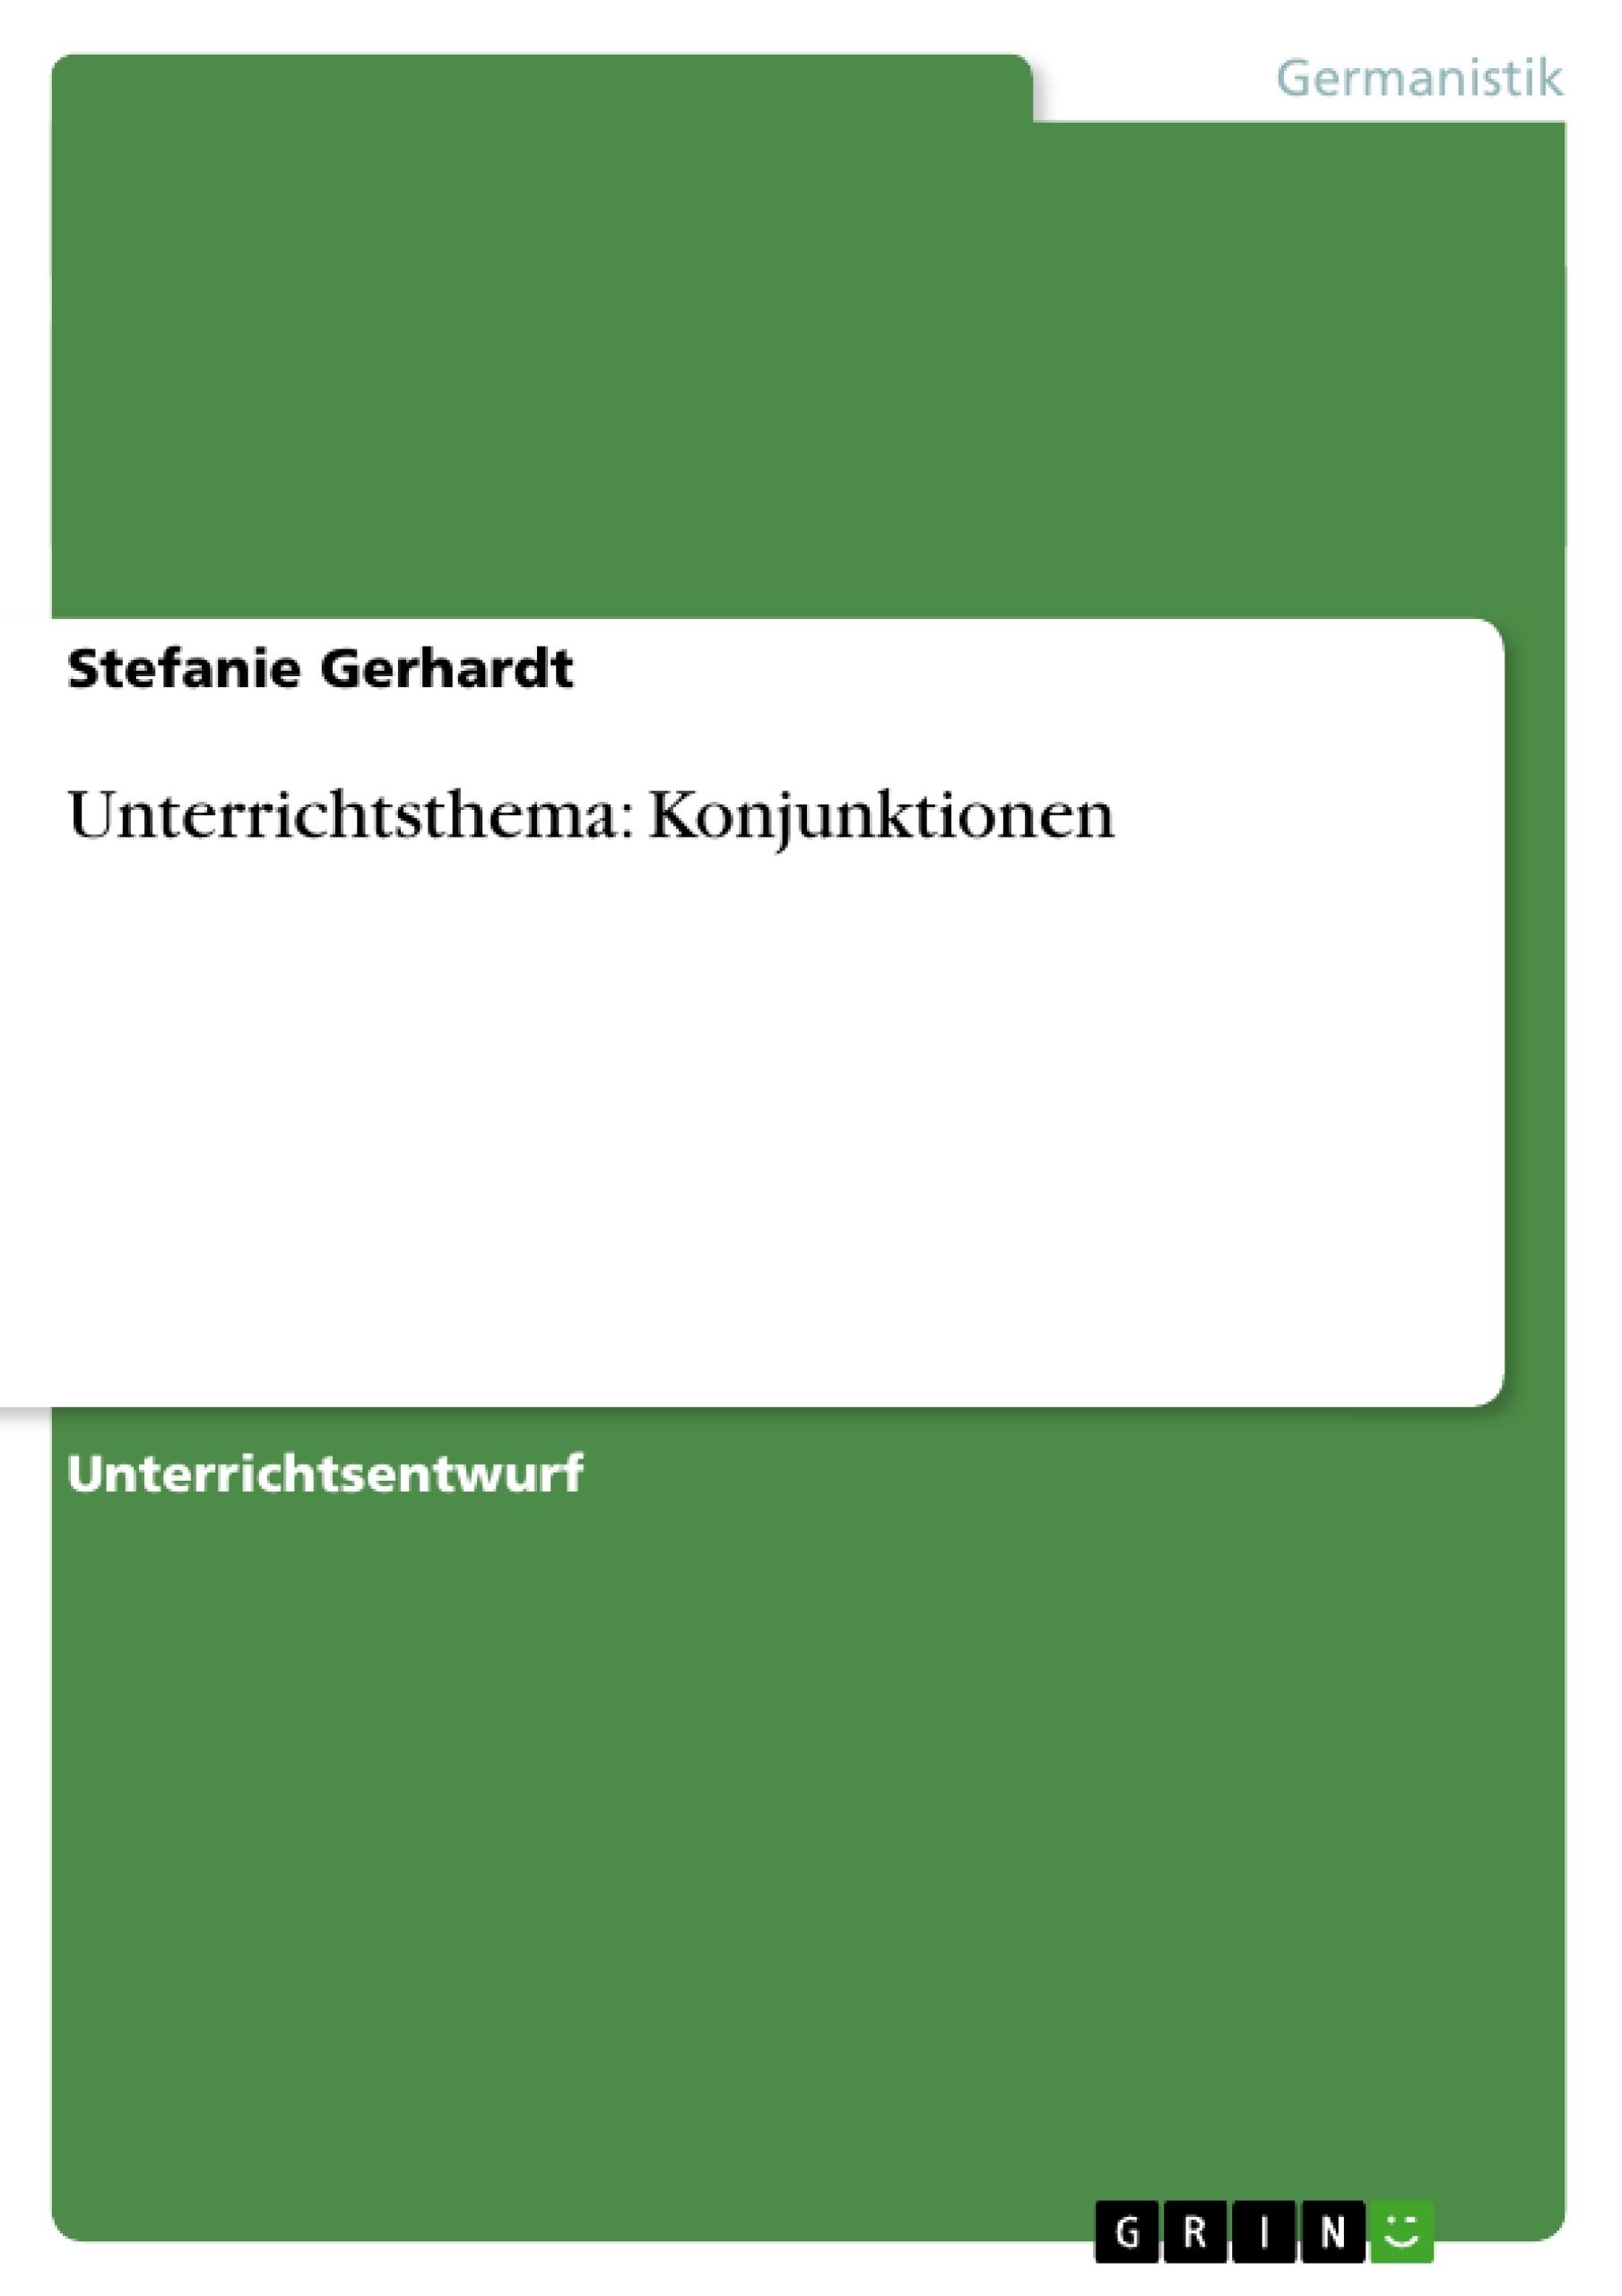 Unterrichtsthema: Konjunktionen | Hausarbeiten publizieren